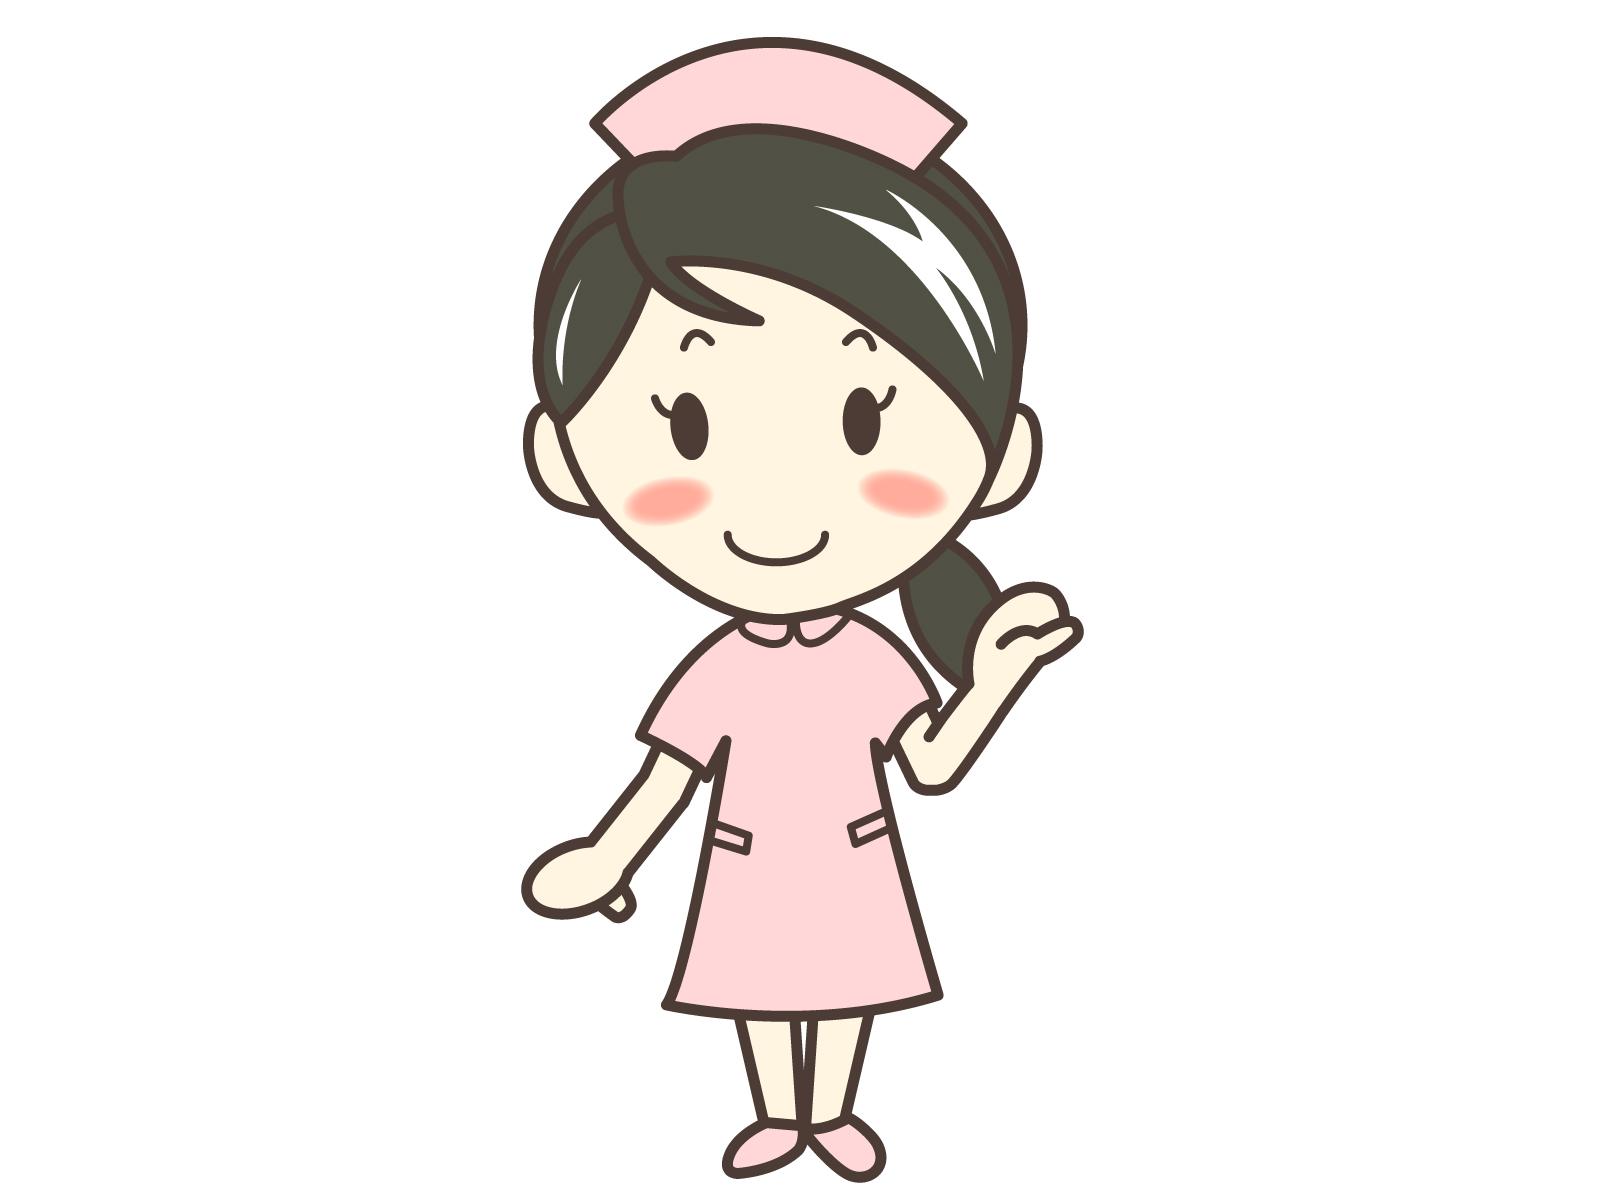 専門看護師になるためにはどうすればいい?これから必要性が高まる資格